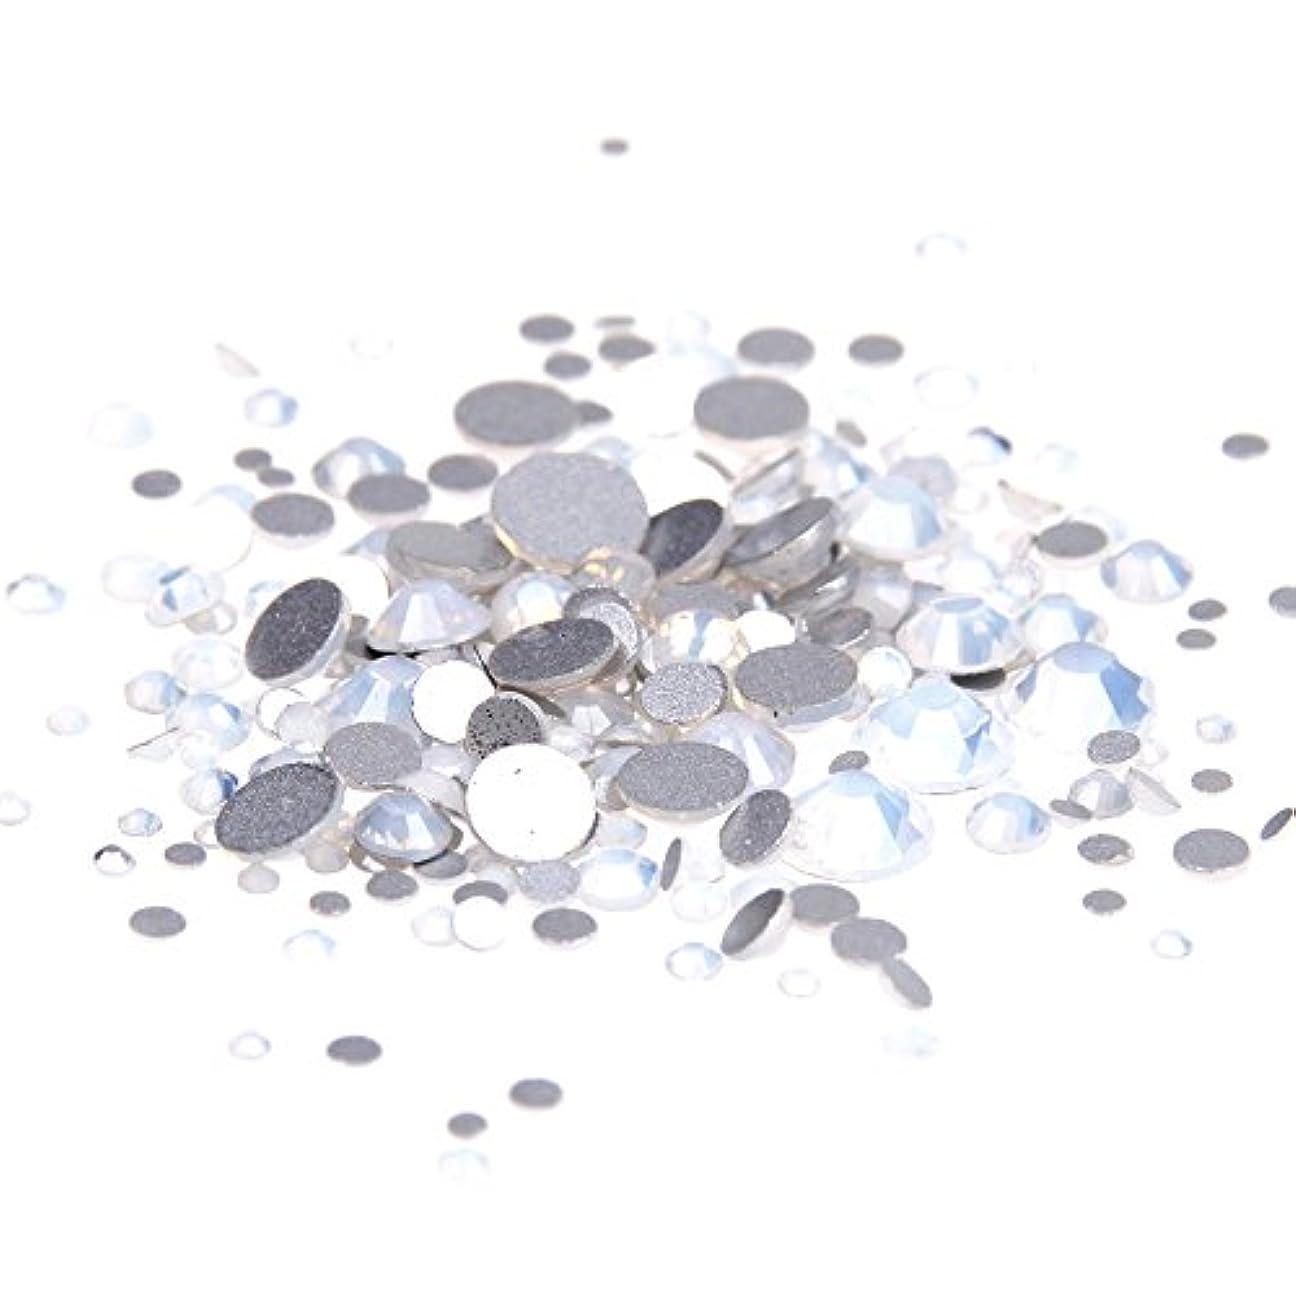 問い合わせギネス財政Nizi ジュエリー ブランド ホワイトオパール ラインストーン は ガラスの材質 ネイル使用 型番ss3-ss34 (SS16 1440pcs)